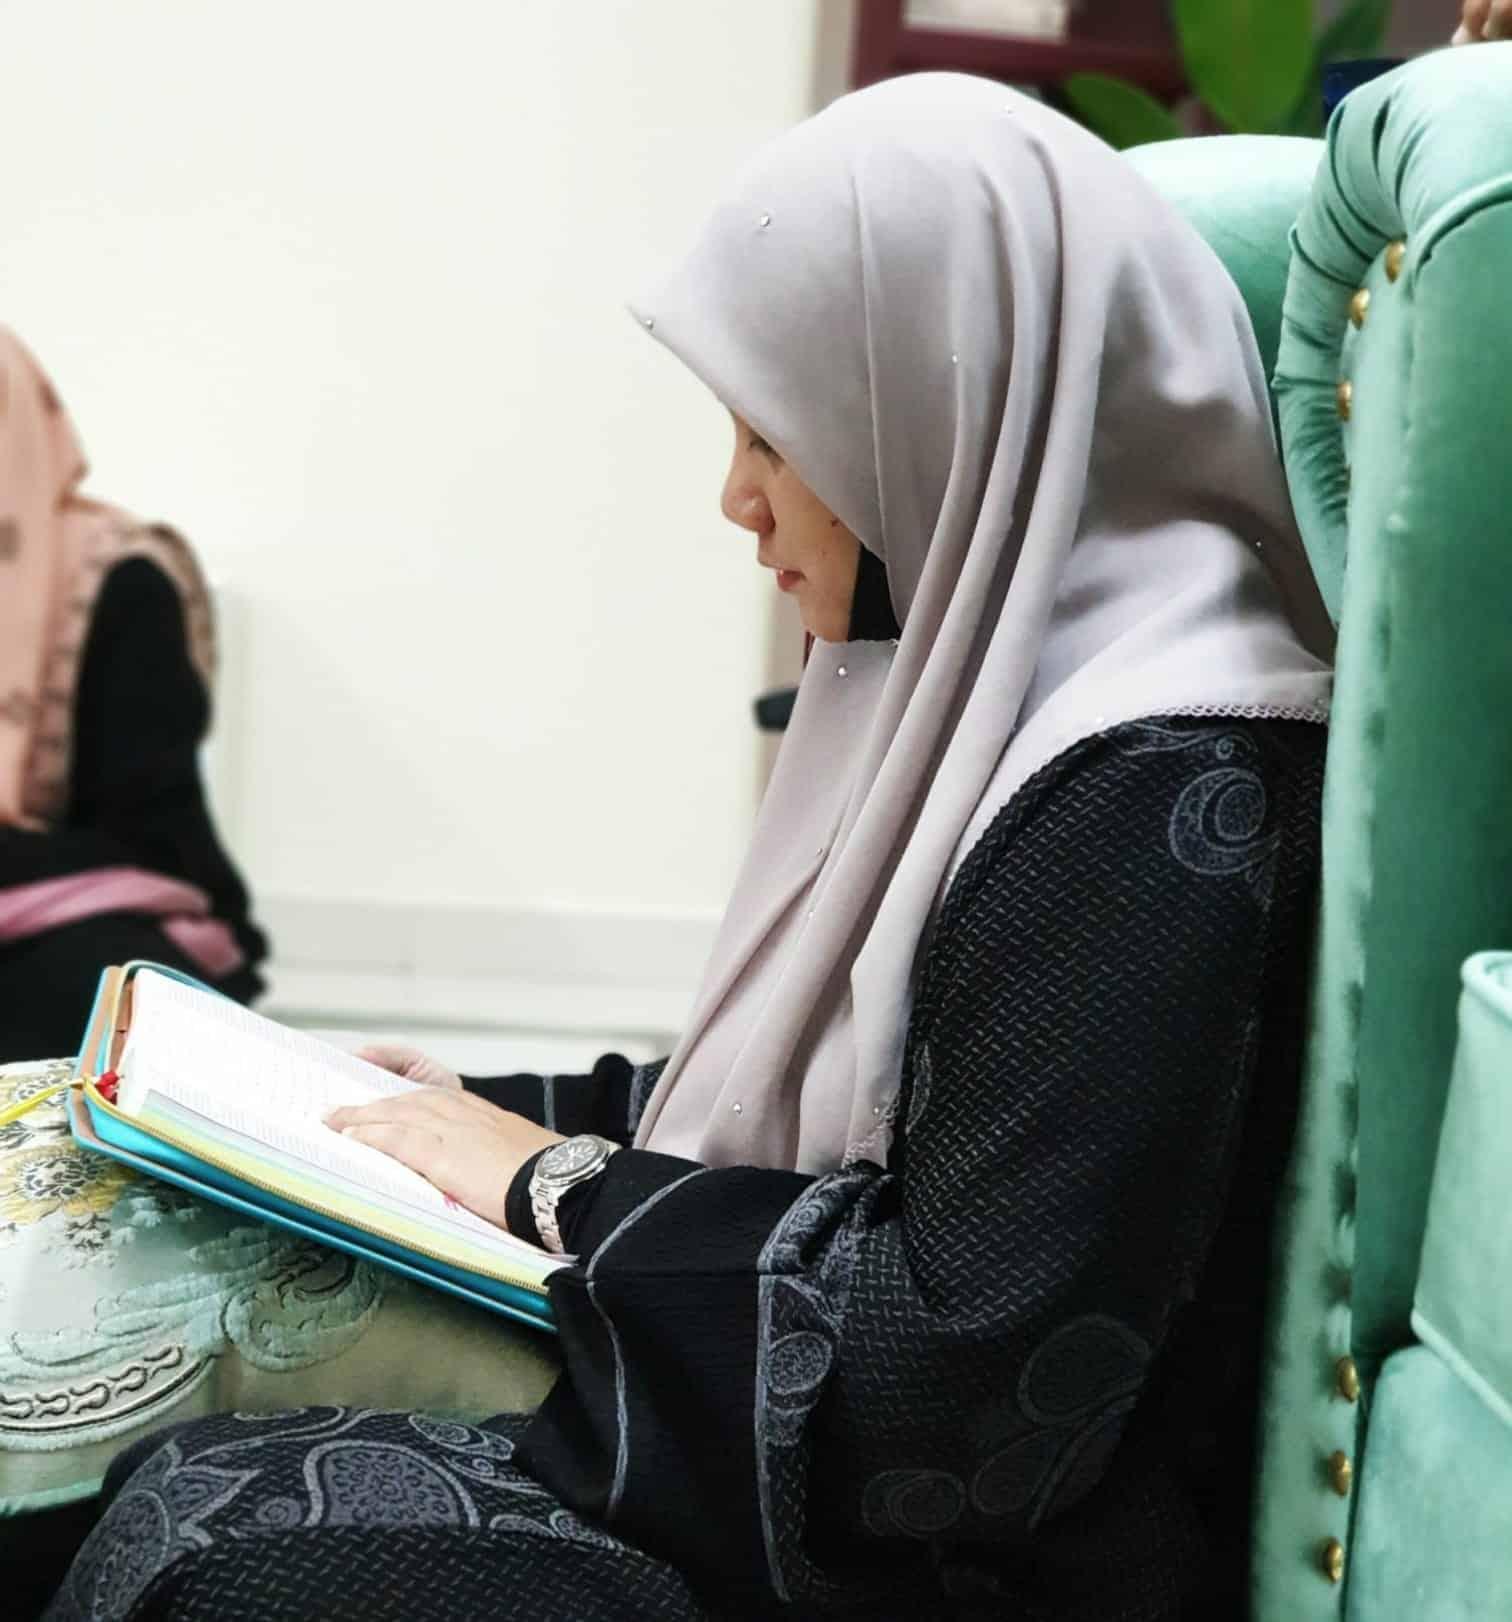 37 Tahun Baru Bertudung, Wanita Dedah Kisah Hijrah Yang Sangat Menyentak Hati